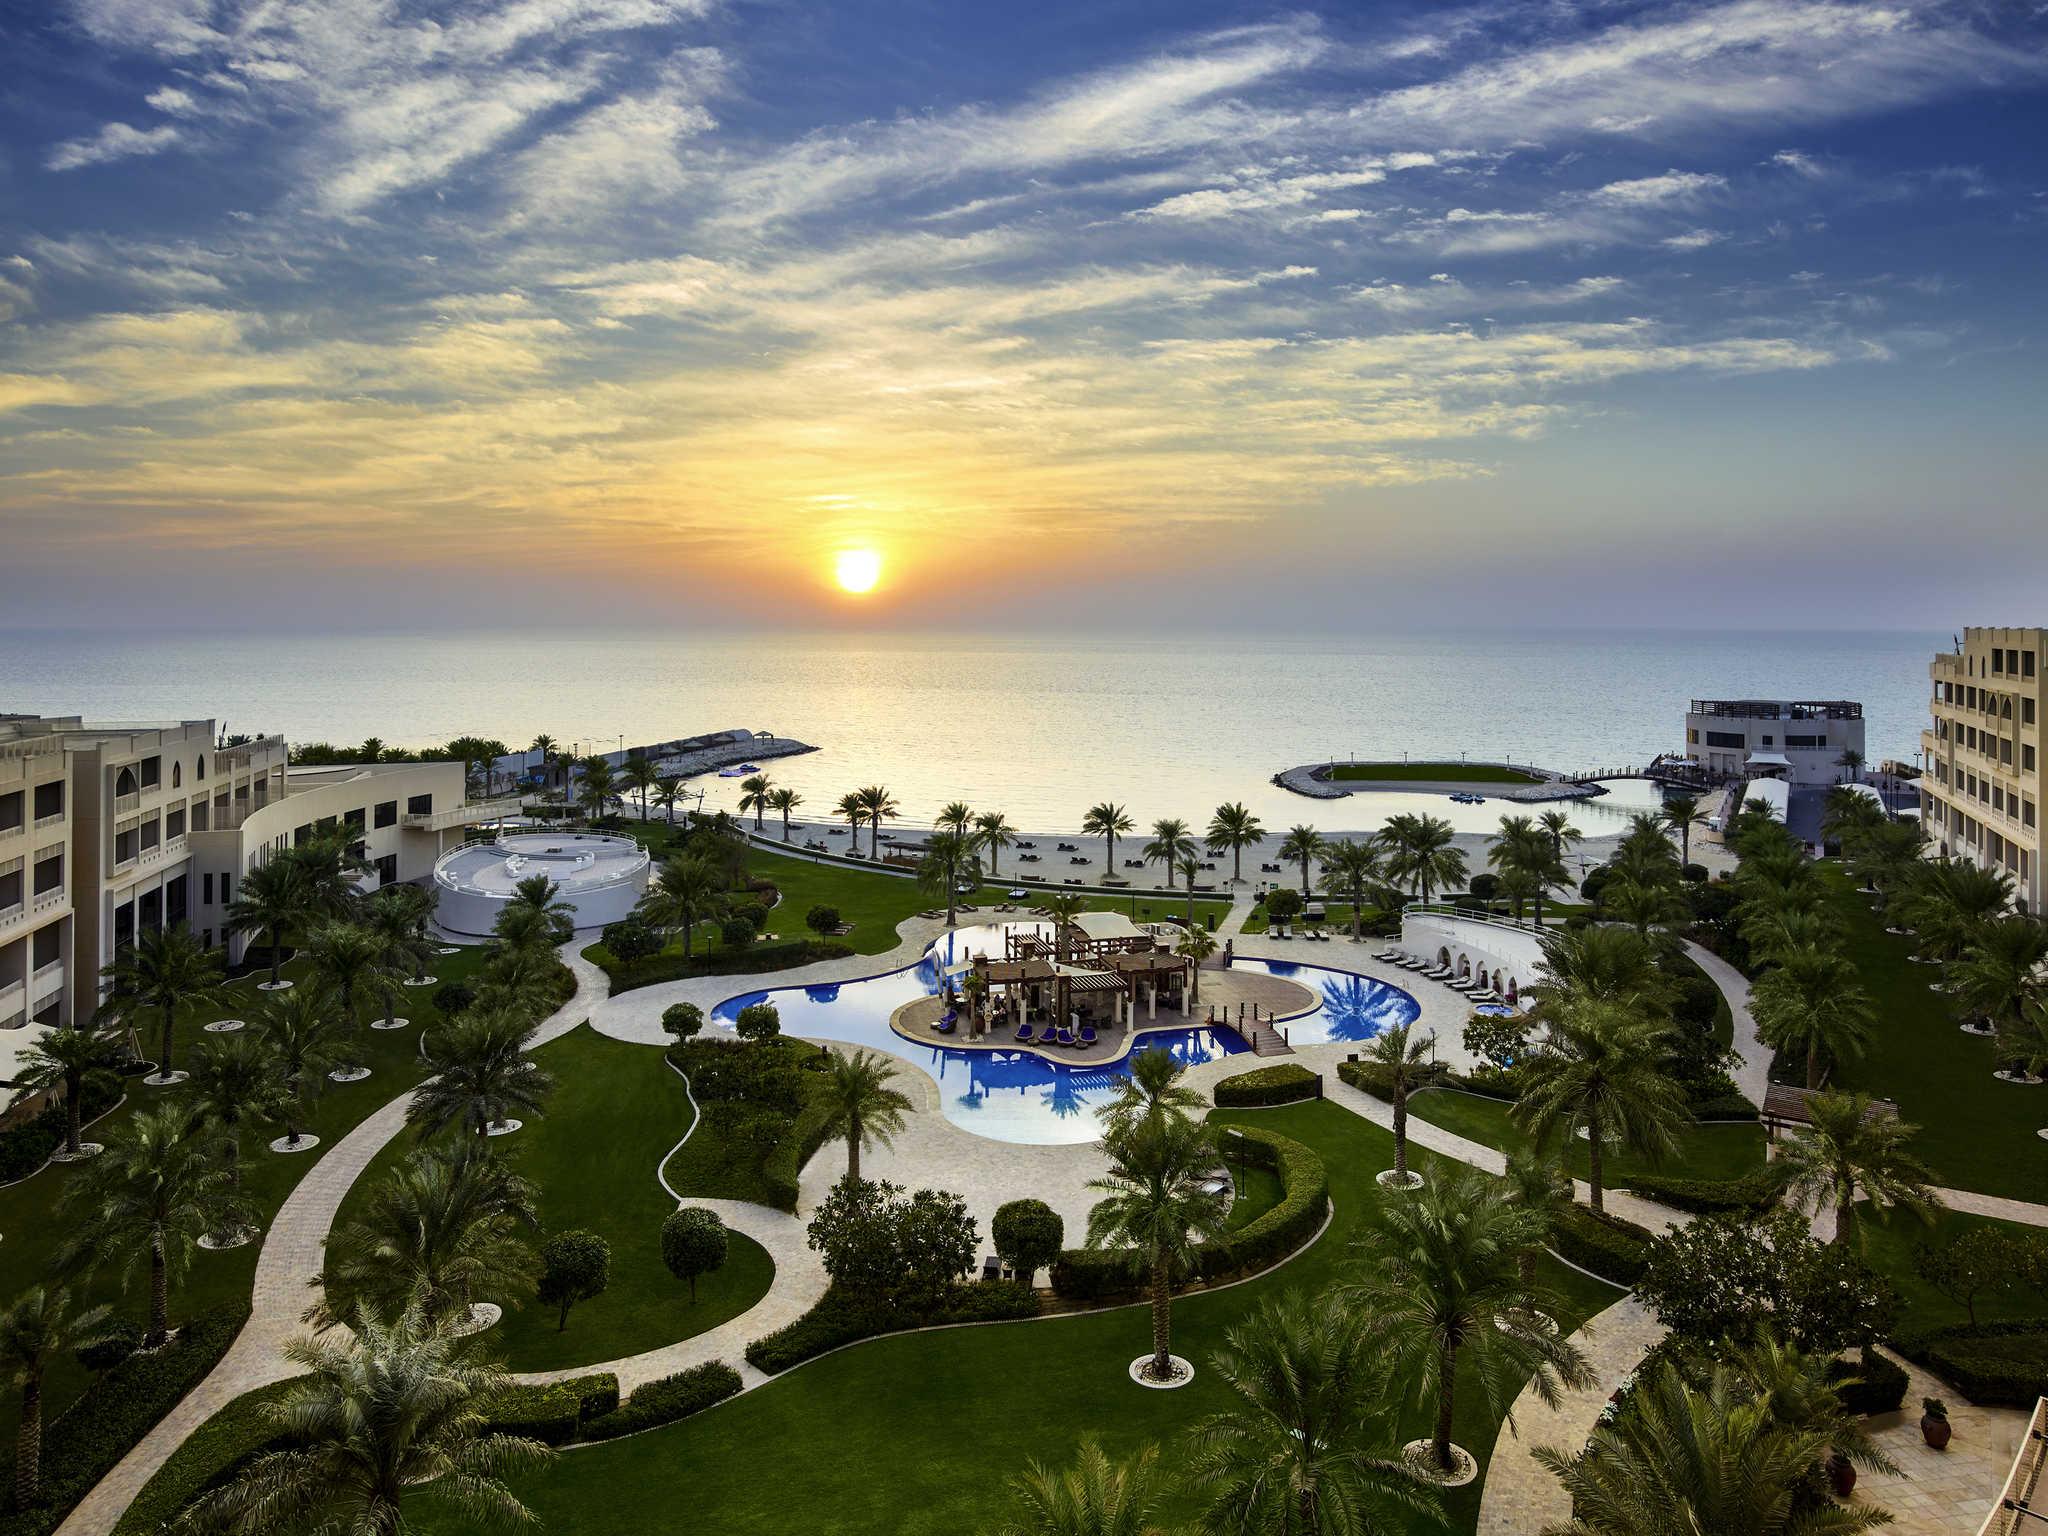 Hotel – Sofitel Bahrain Zallaq Thalassa sea & spa